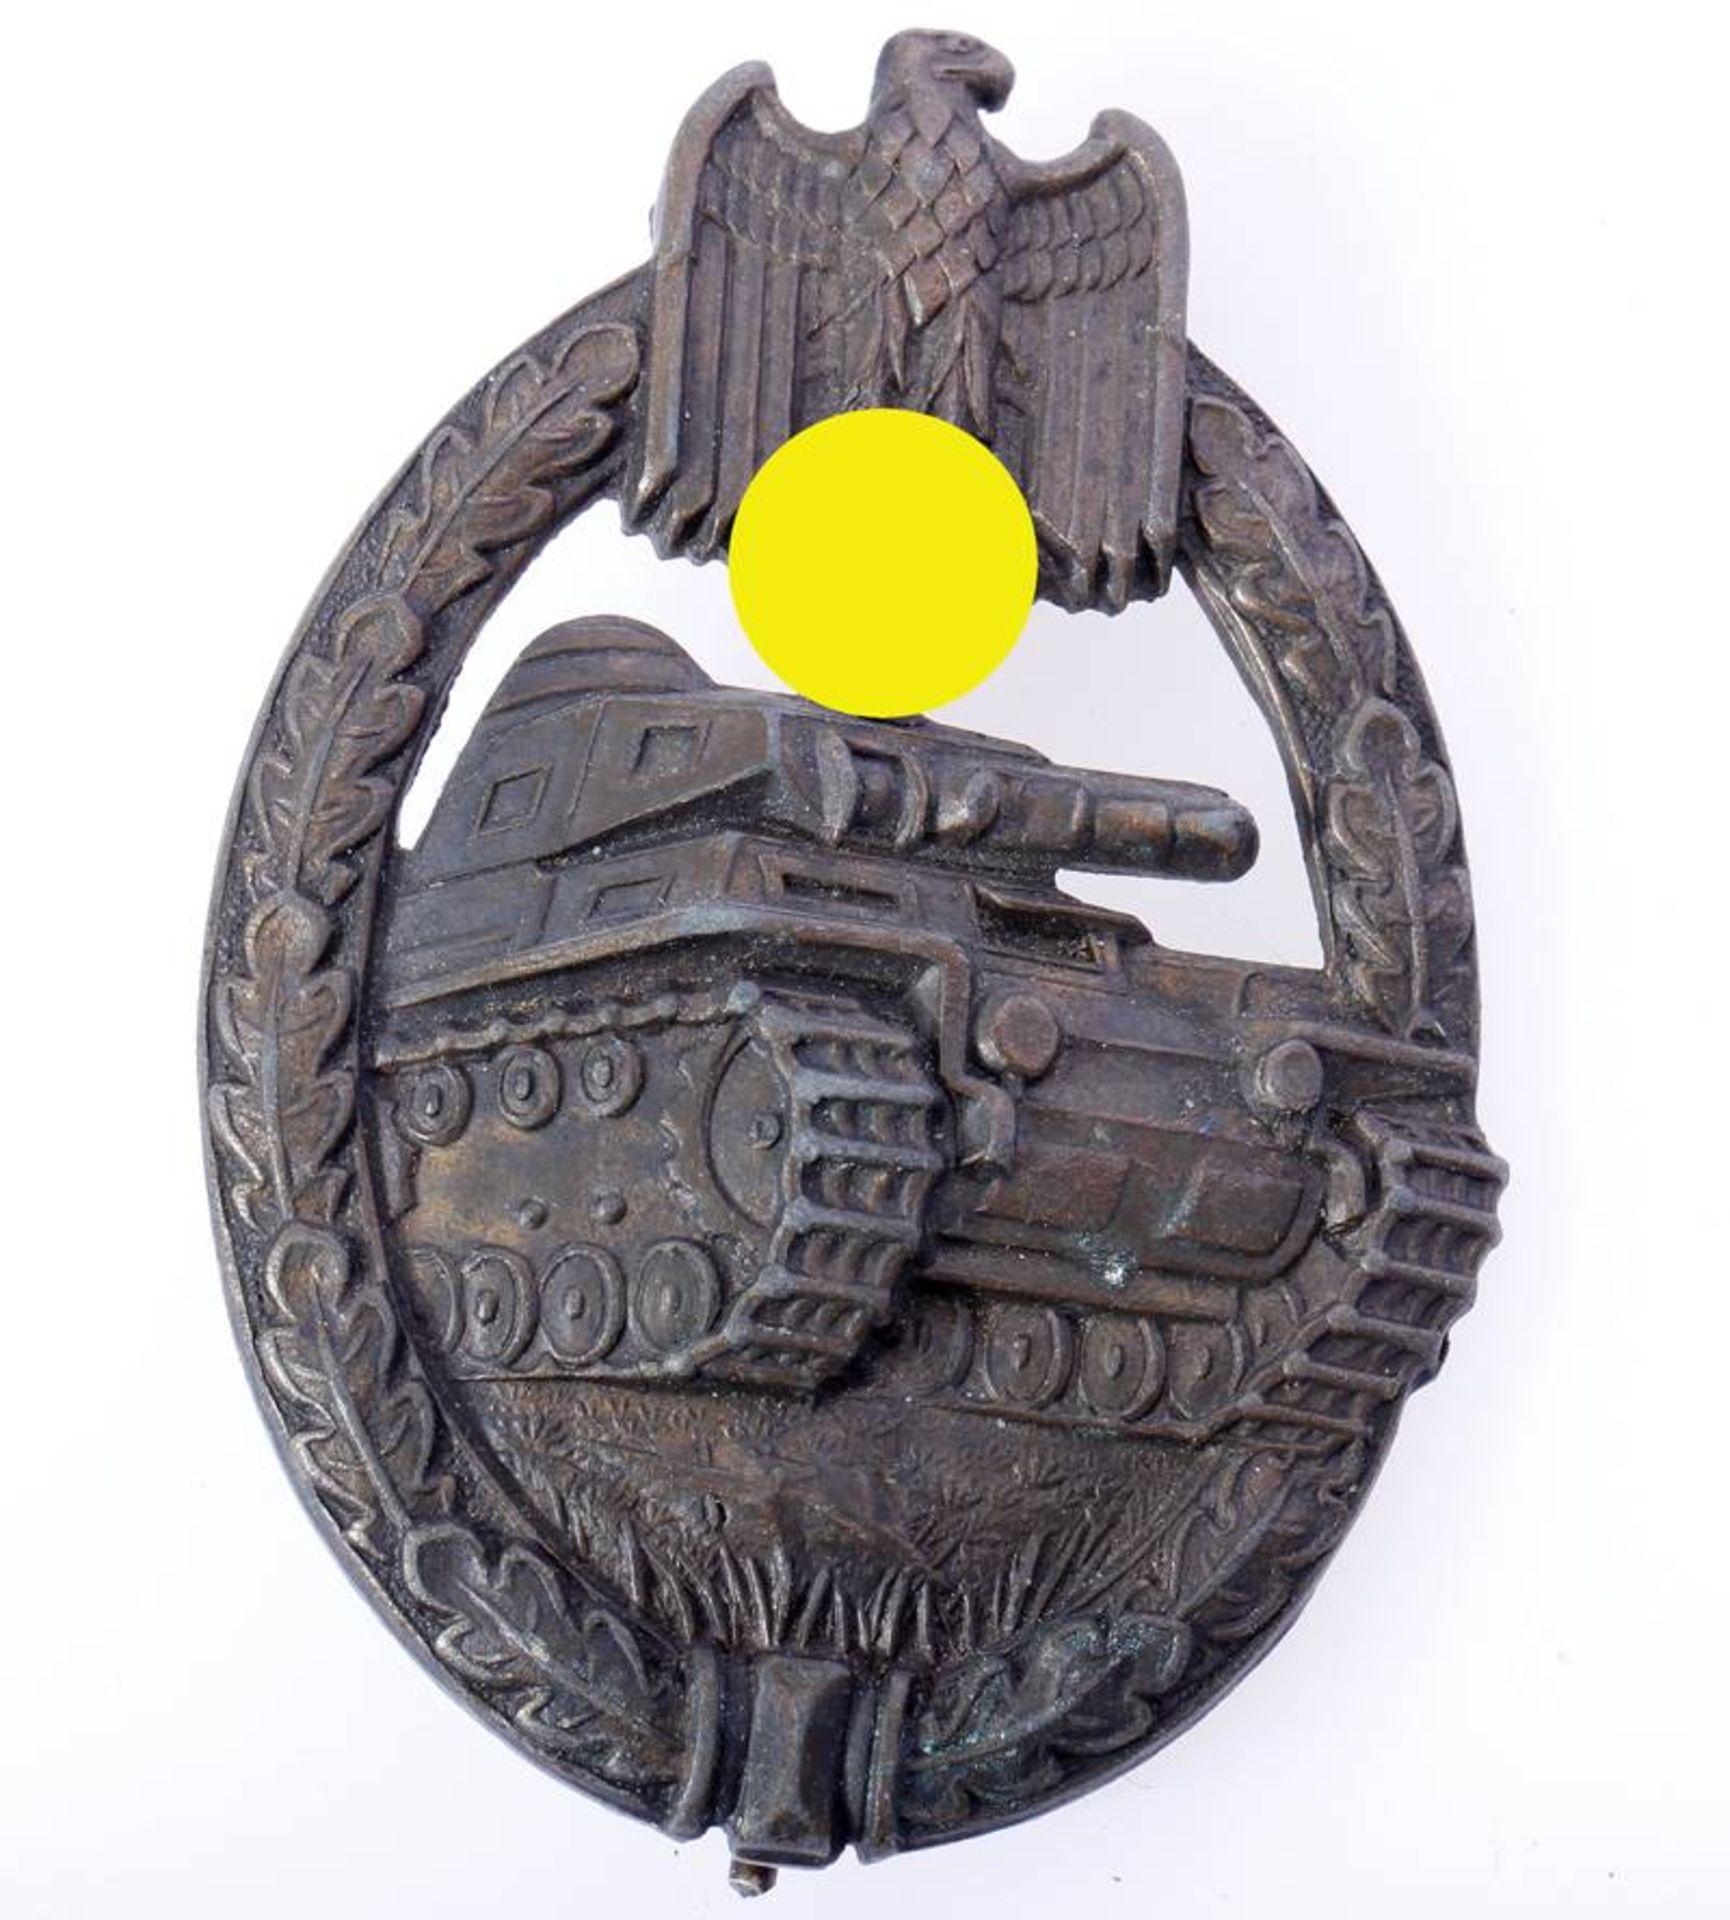 Panzerkampfabzeichen in BronzeAbzeichen hohl geprägt ohne Hersteller. Abzeichen getragen.